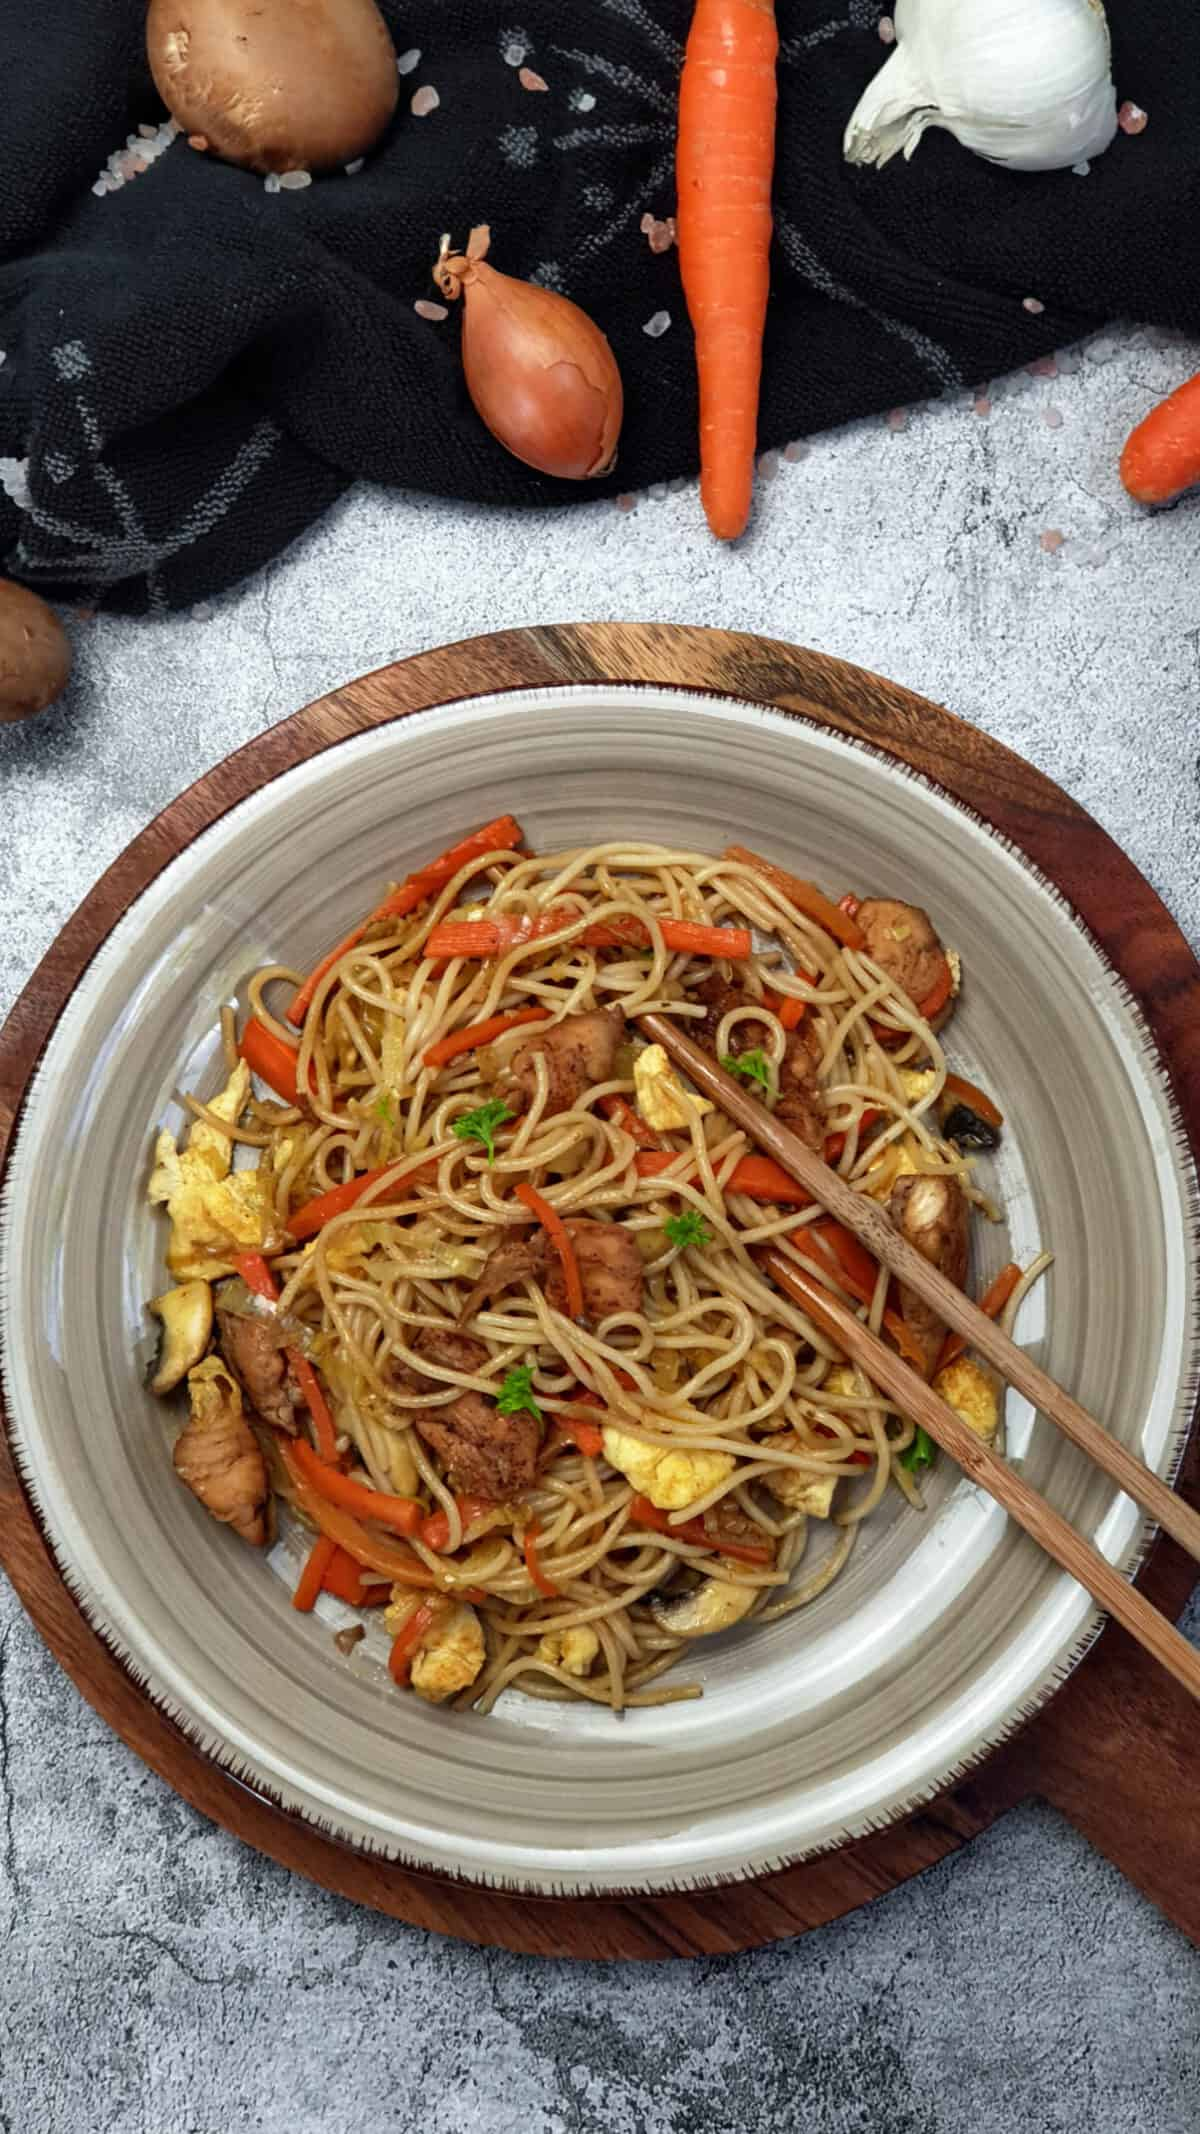 Auf einem braunen Teller Asia Nudeln mit Huhn und Gemüse. Im Hintergrund Deko.